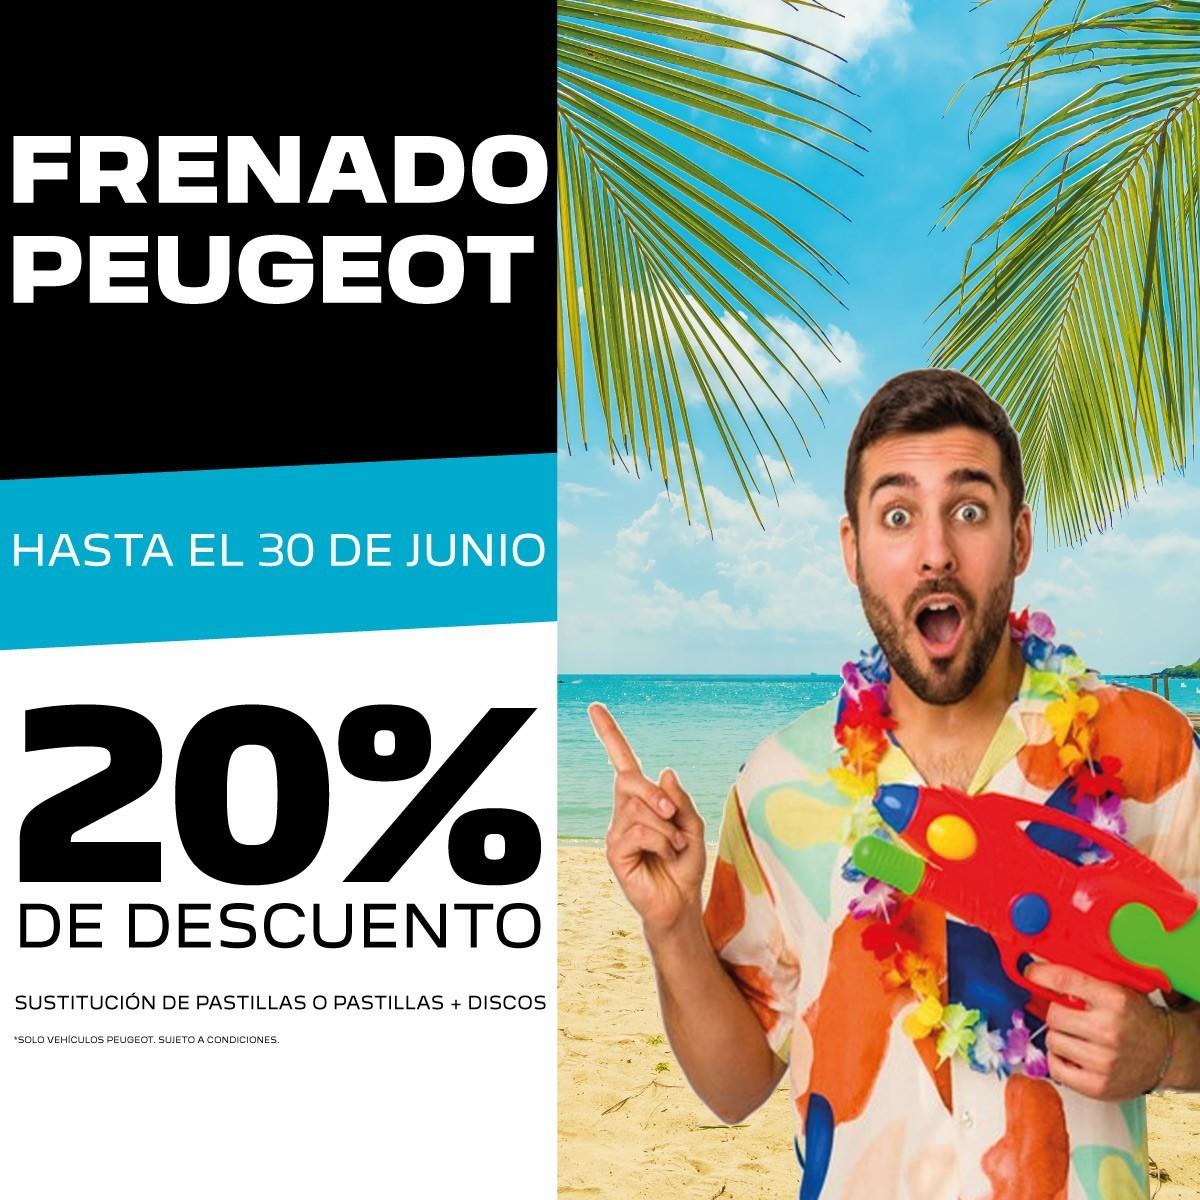 FRENADO-PEUGEOT GONZALEZ DE AUTOMOCION